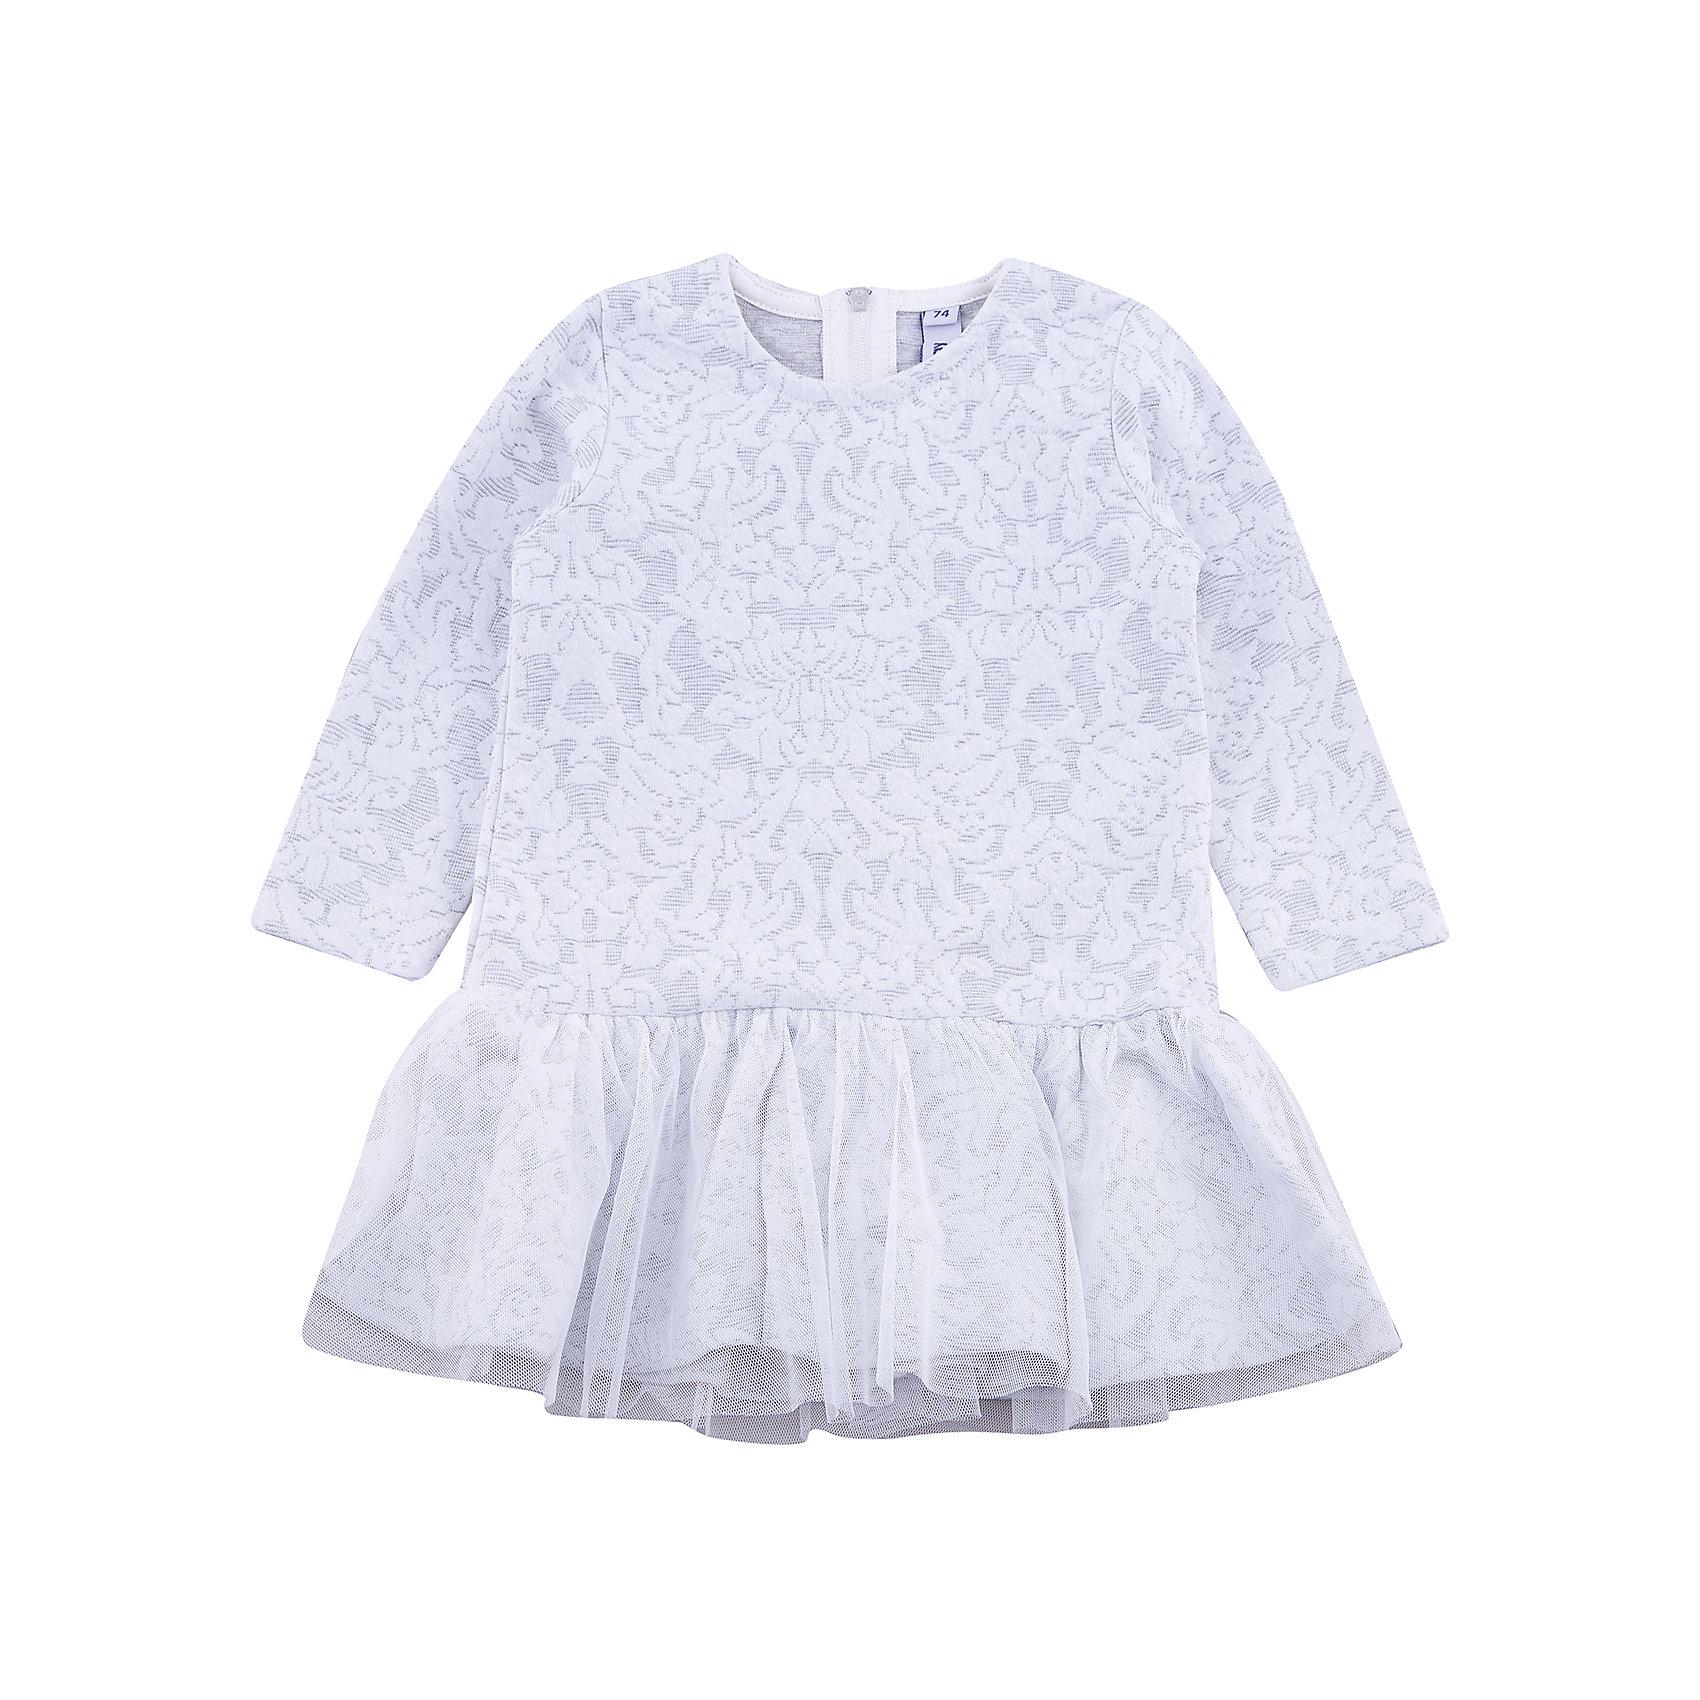 Платье PlayToday для девочкиПлатья и сарафаны<br>Платье PlayToday для девочки<br>Платье с округлым вырезом дополнит гардероб ребенка. Модель из мягкой ткани с эффектом объемного рисунка. На спинке расположена удобная застежка - молния. Платье с длинными рукавами и заниженной талией. Верх юбки дополнен широкой оборкой из легкой сетчатой ткани.<br>Состав:<br>65% полиэстер, 30% вискоза, 5% эластан<br><br>Ширина мм: 236<br>Глубина мм: 16<br>Высота мм: 184<br>Вес г: 177<br>Цвет: белый<br>Возраст от месяцев: 18<br>Возраст до месяцев: 24<br>Пол: Женский<br>Возраст: Детский<br>Размер: 92,74,80,86<br>SKU: 7110372